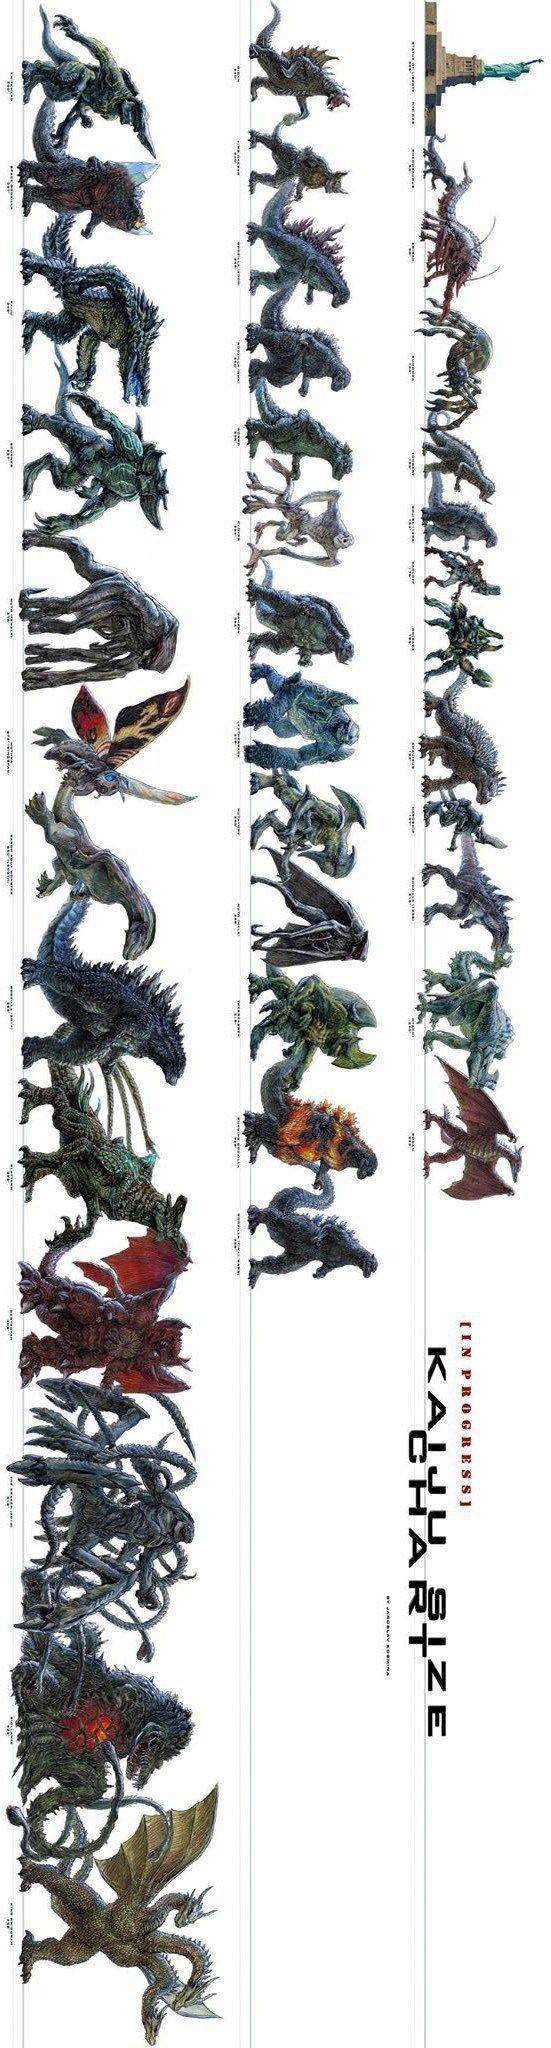 escala de tamaños de kaiju - incluido Godzilla / Gojira